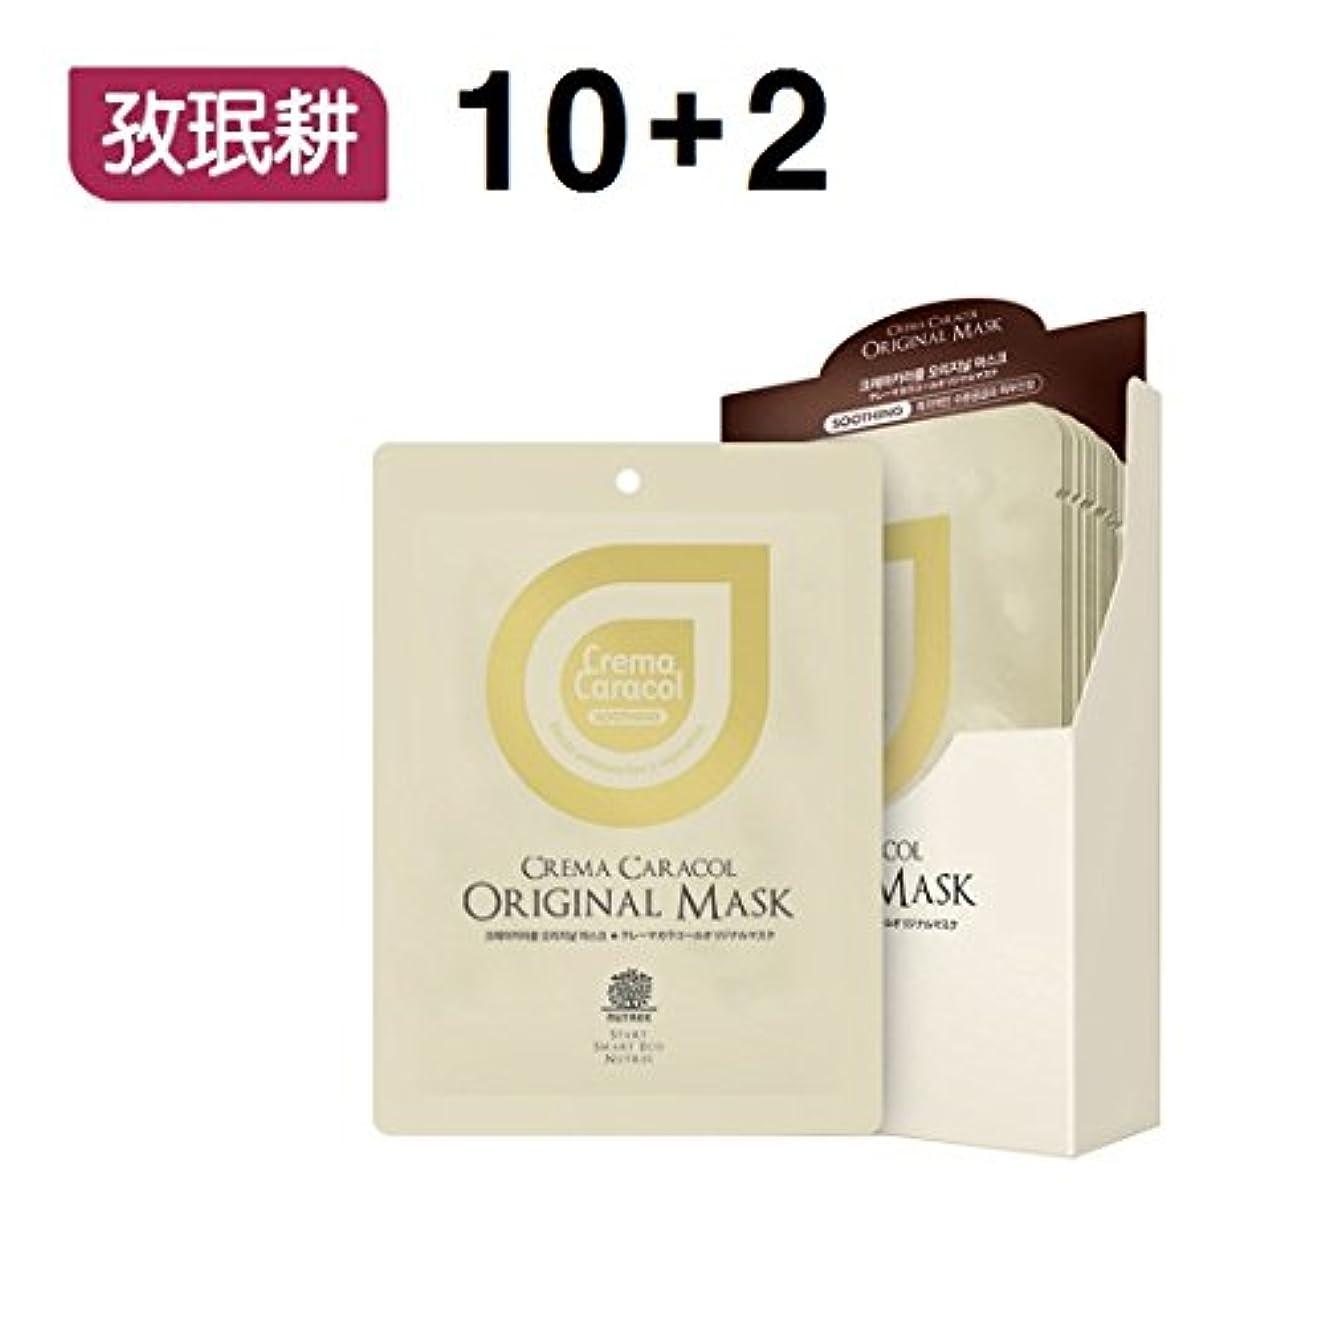 あえぎ修理工不格好Jaminkyung Crema Caracol Original Mask 10+2 / ジャミンギョン クレマカラコールオリジナルマスク 10+2 [並行輸入品]